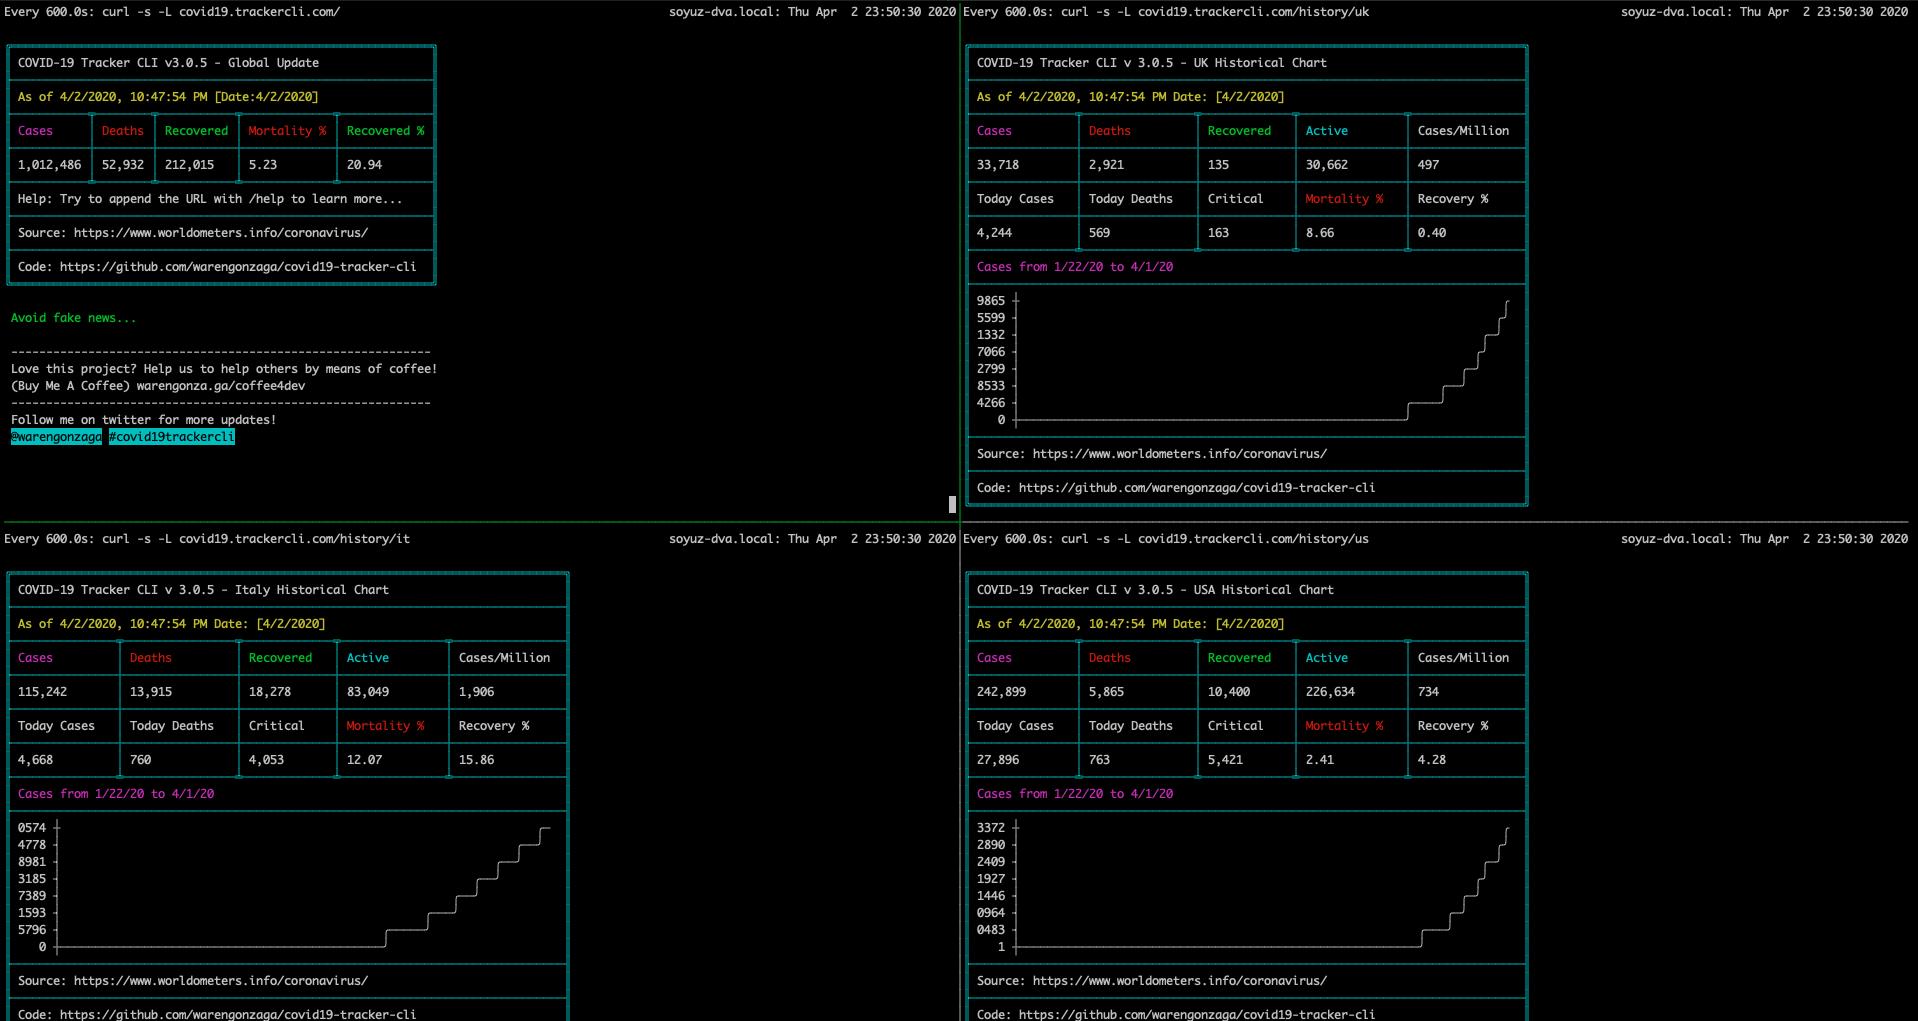 Screenshot 2020-04-02 at 23 51 44